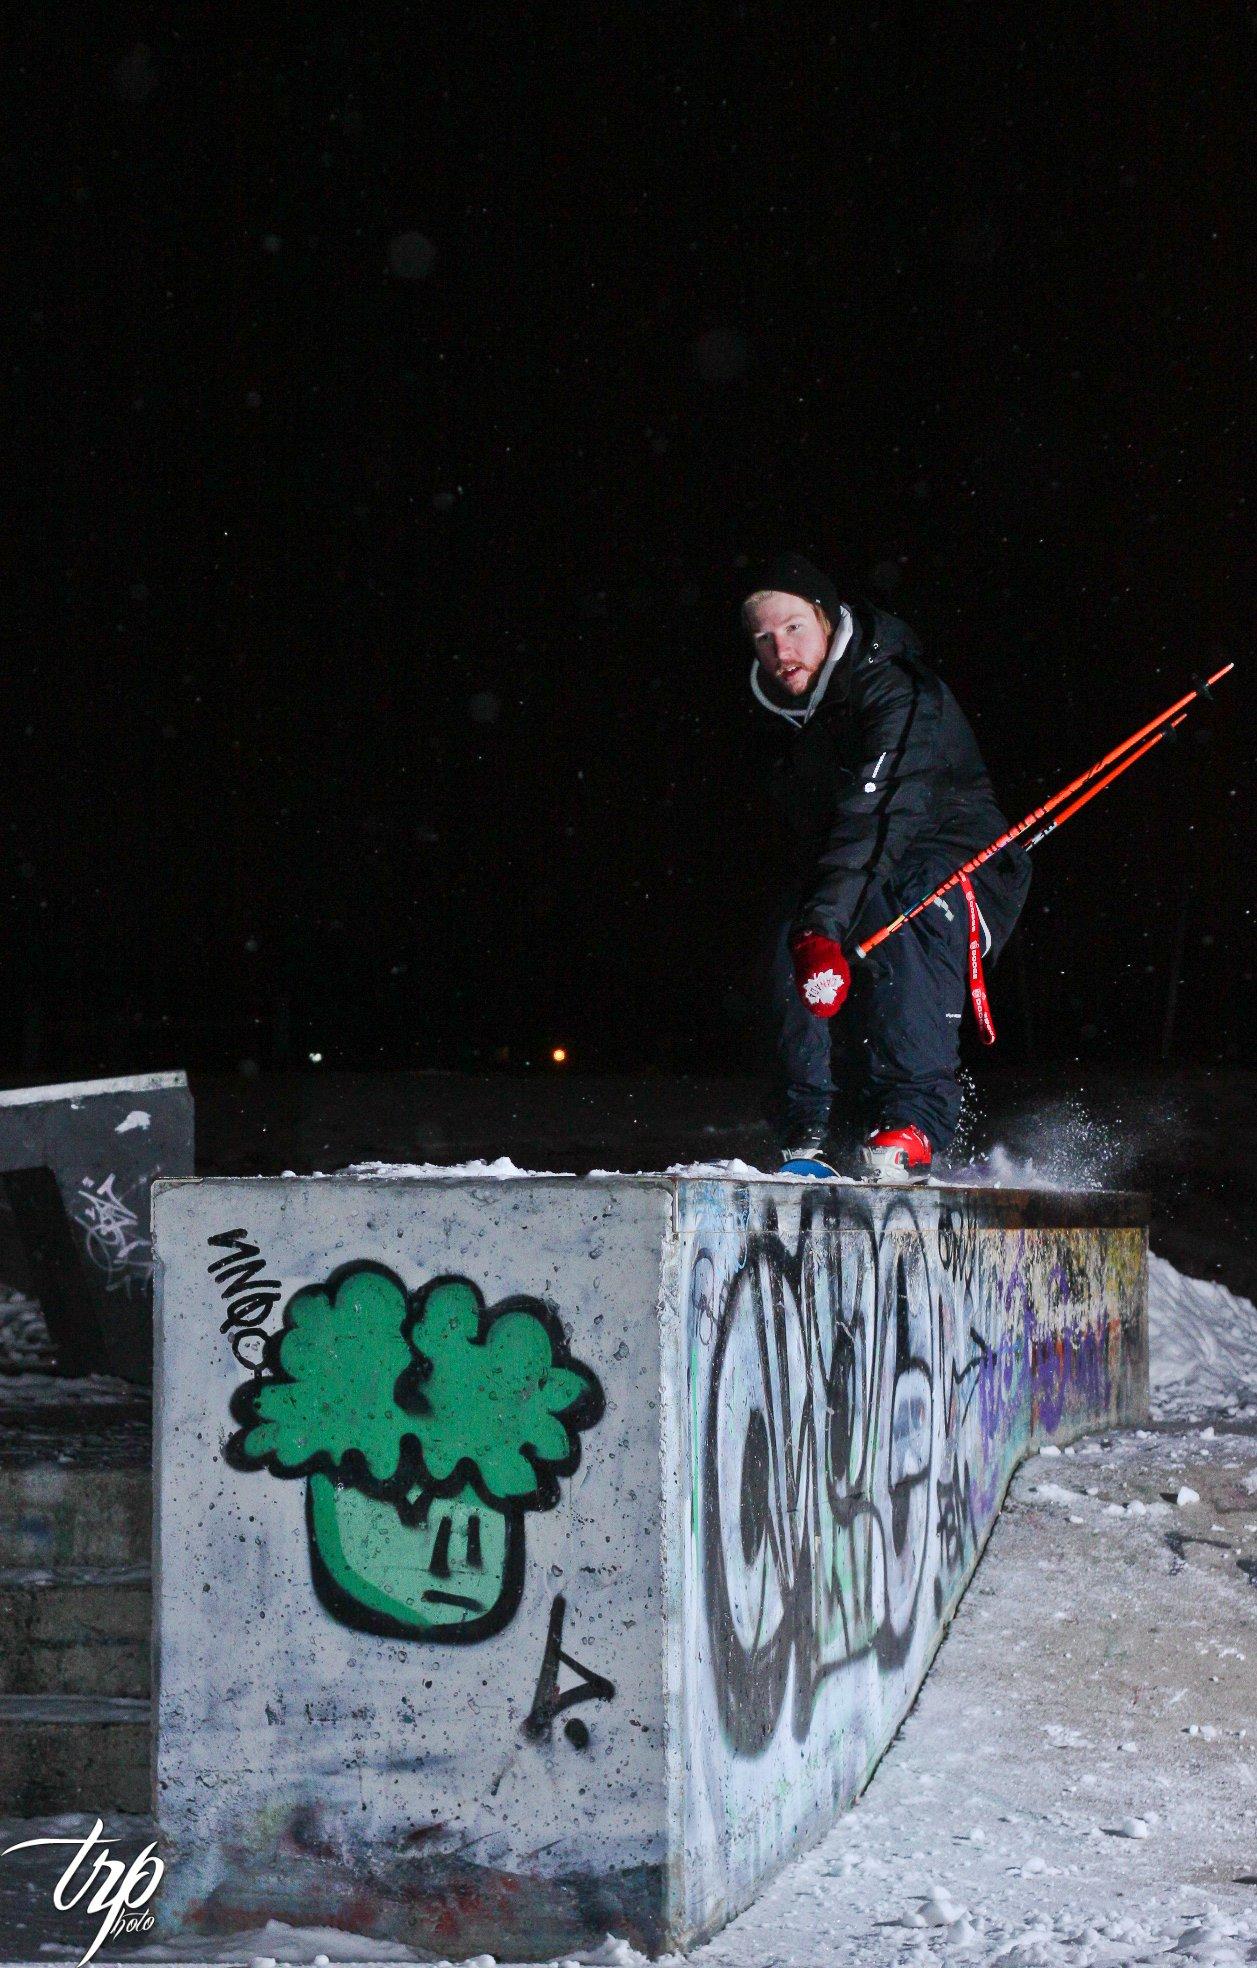 Skatepark jib